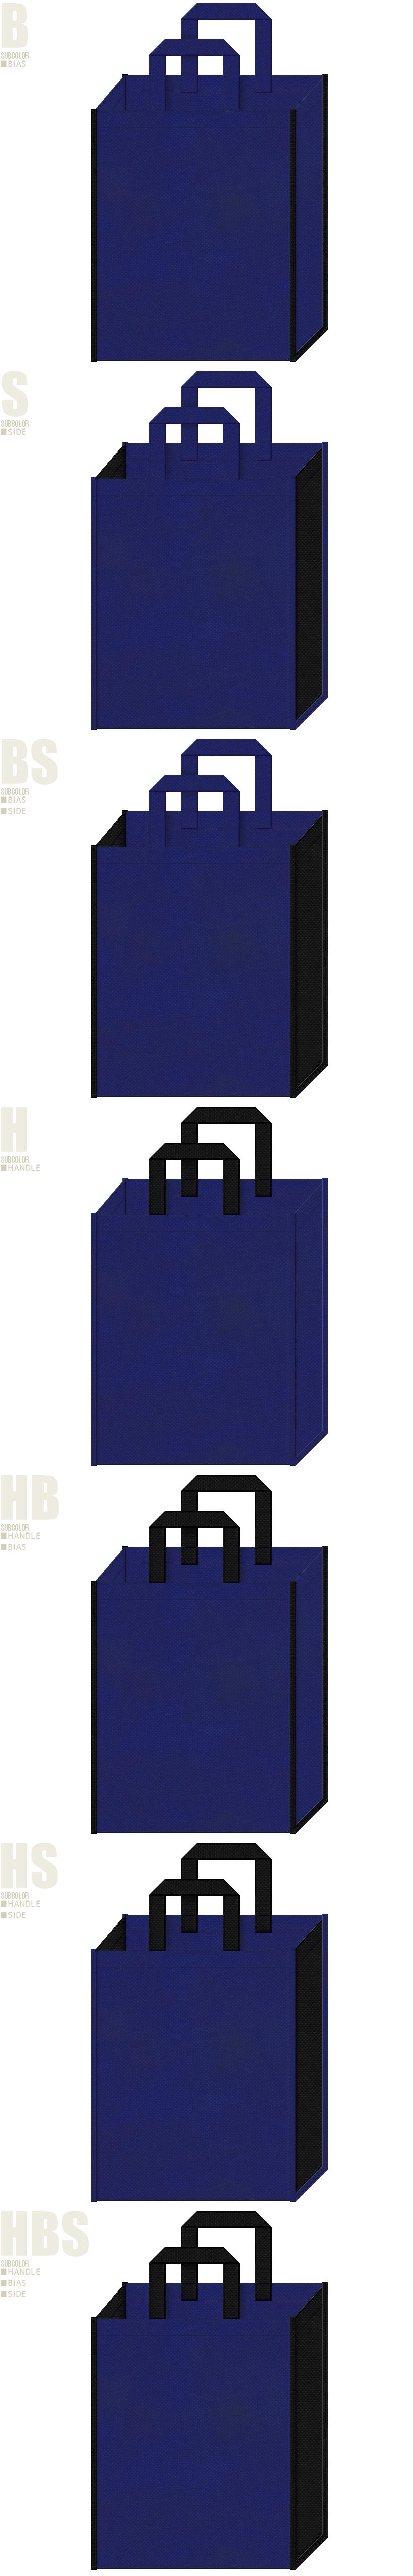 ブラックホール・ウィルス・闇夜・ミステリー・ホラー・ACT・STG・FTG・ゲームの展示会用バッグにお奨めの不織布バッグデザイン:明るい紺色と黒色の配色7パターン